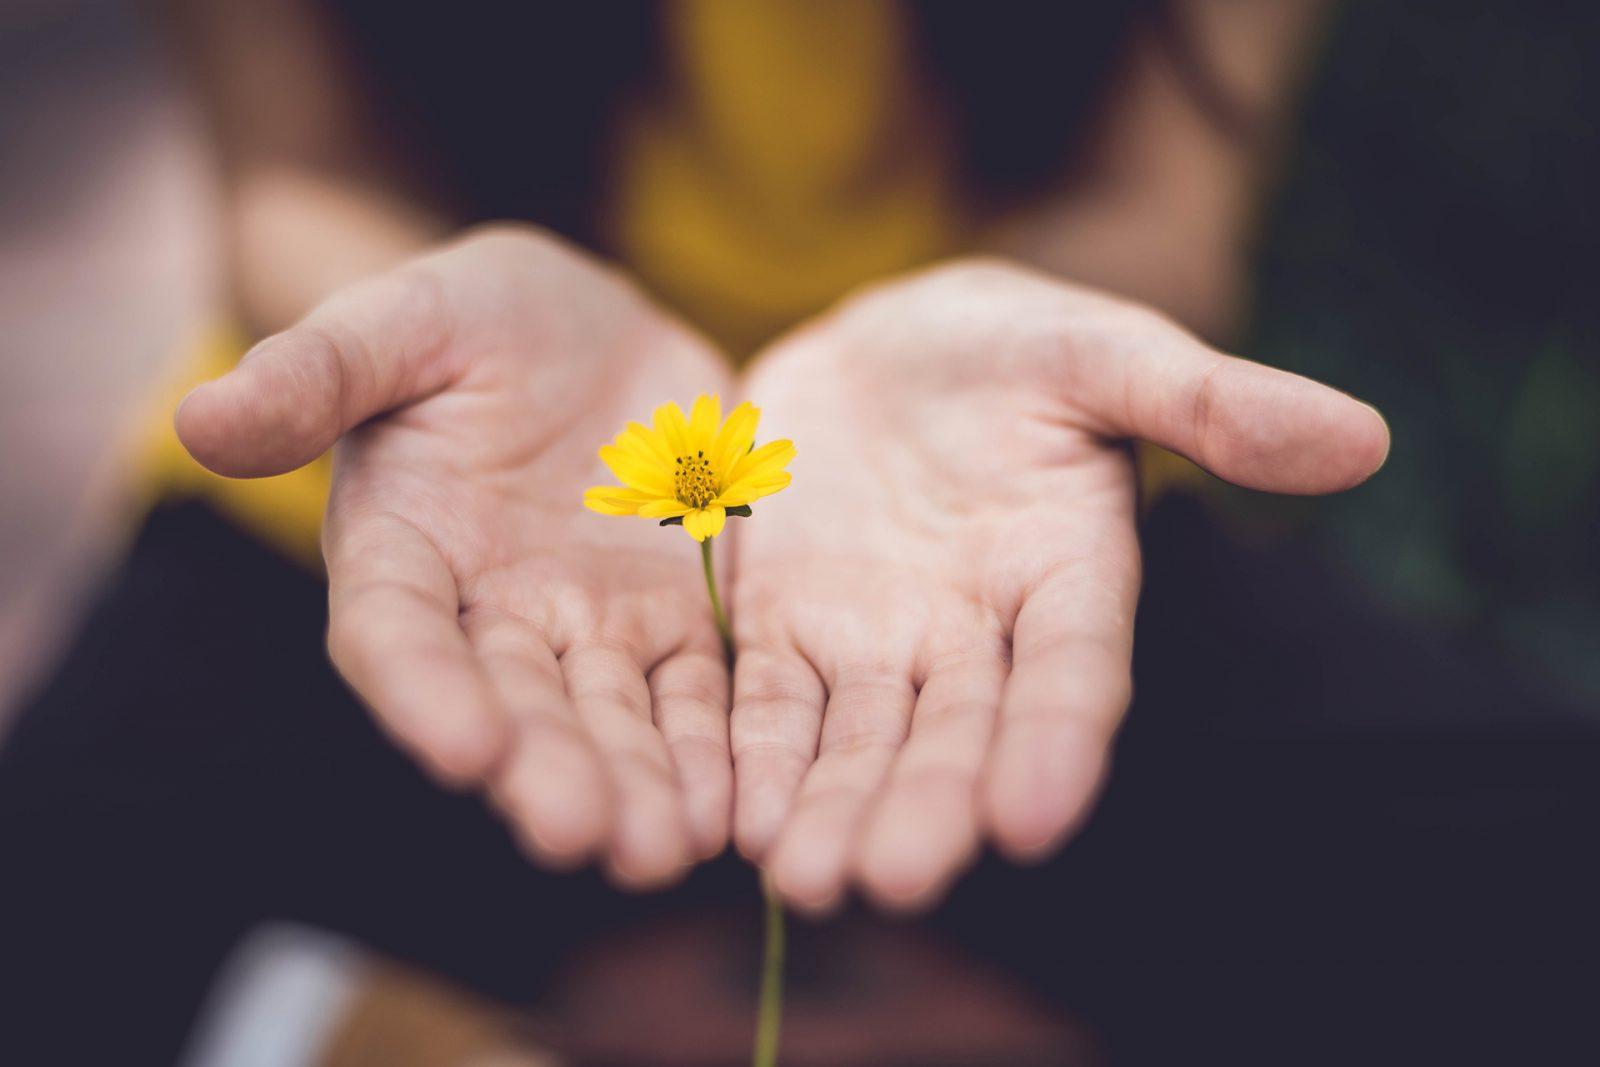 Nainen pitää käsiensä välissä pientä keltaista kukkaa